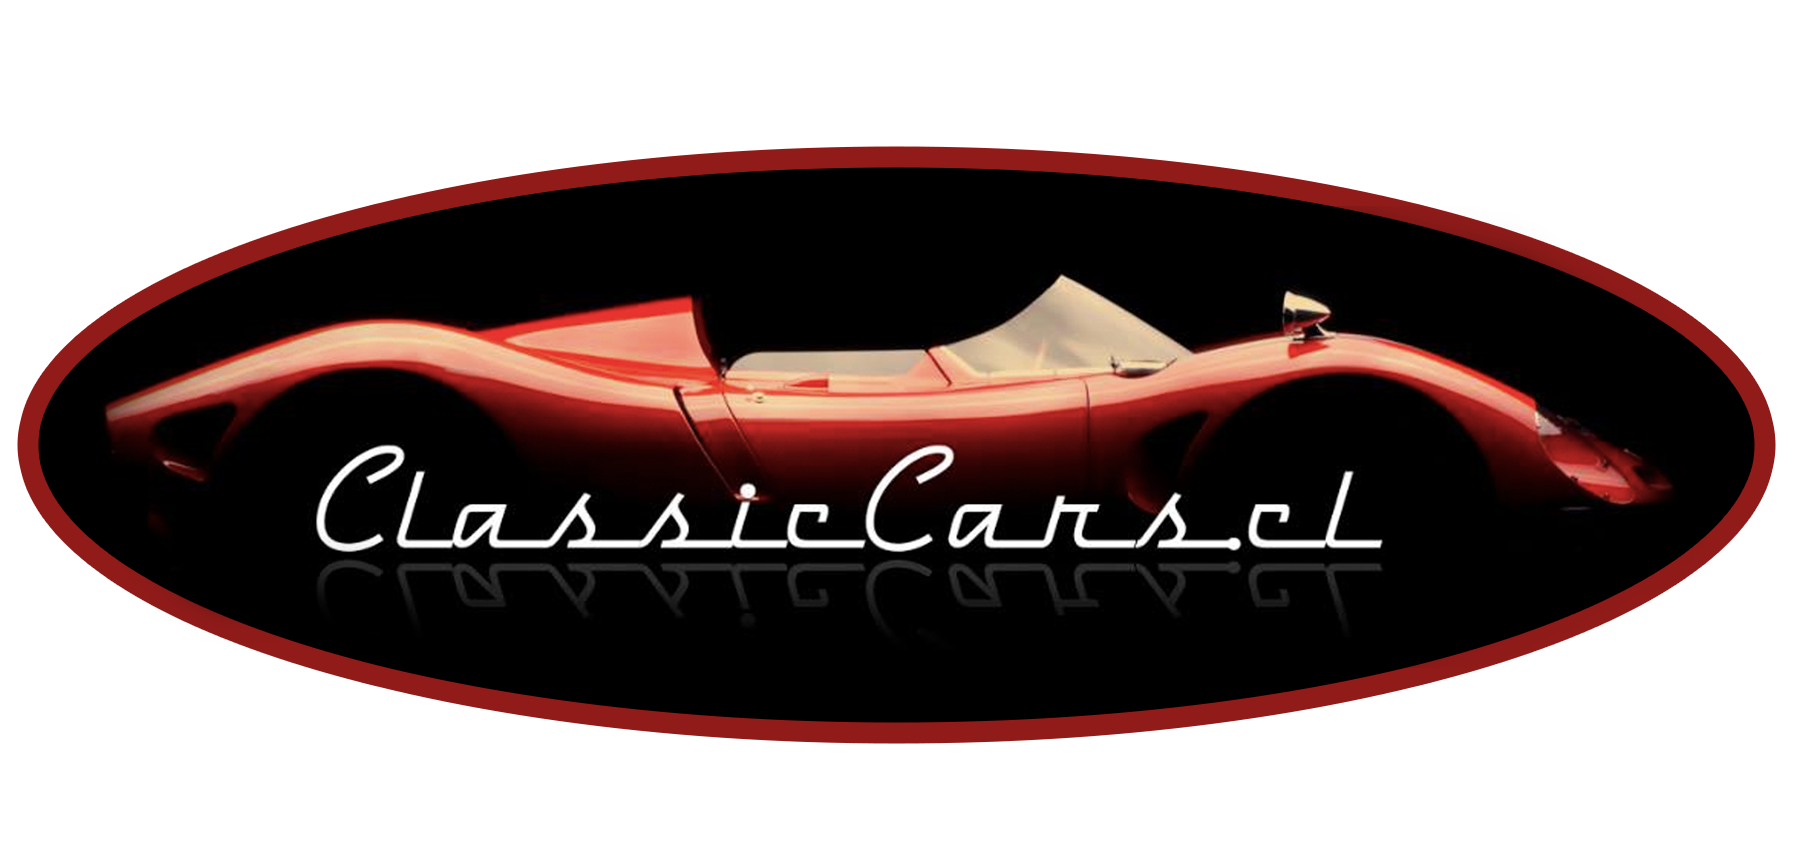 ClassicCars.cl